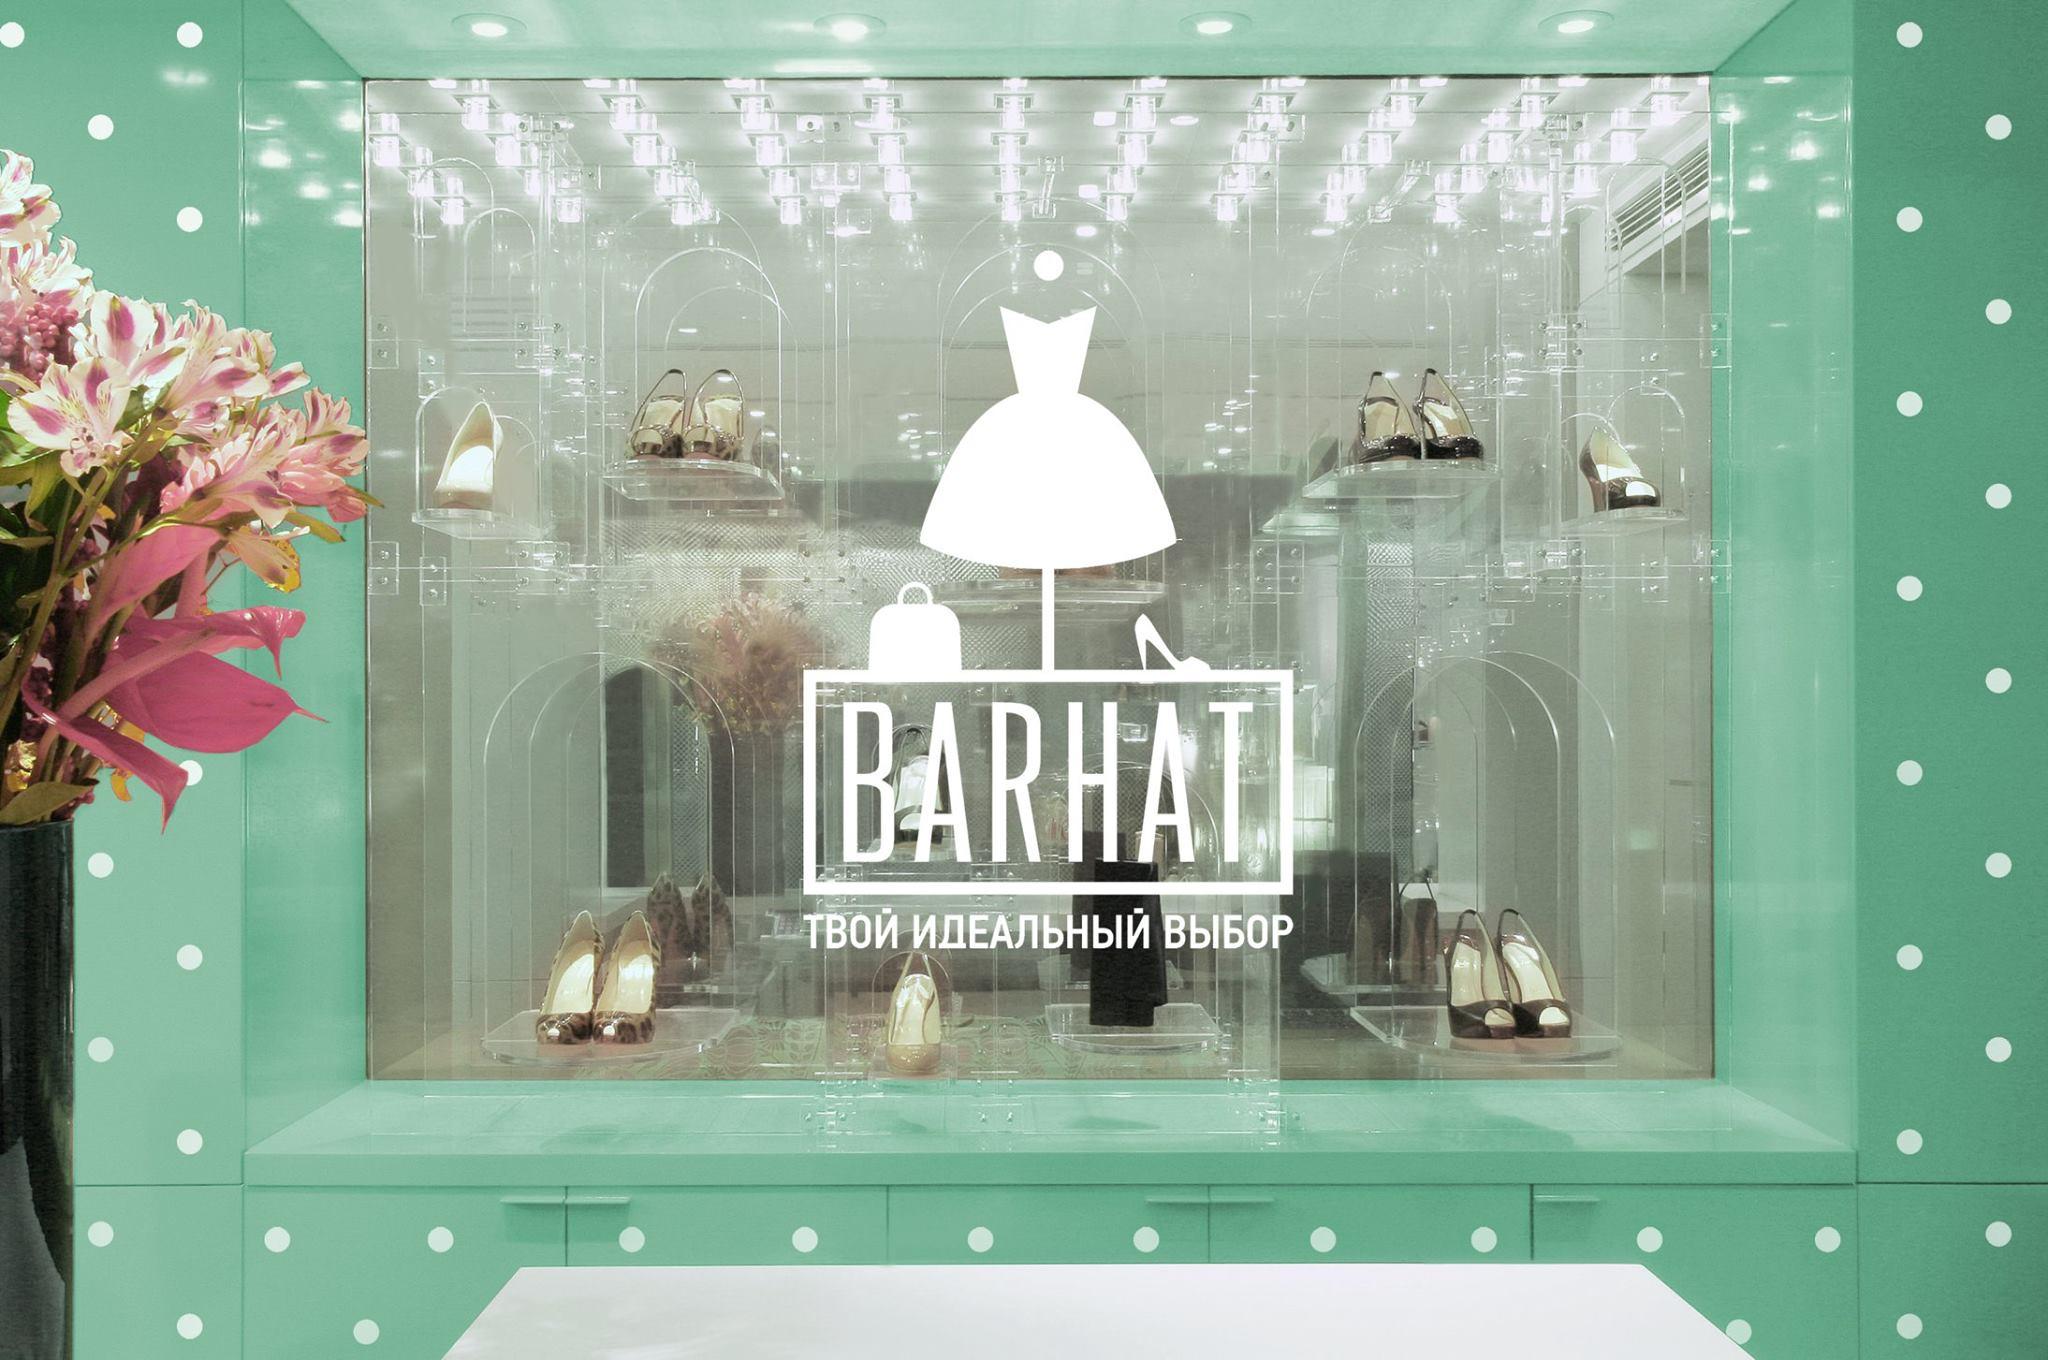 Логотип и фирменный стиль для сети магазинов «BARHAT»